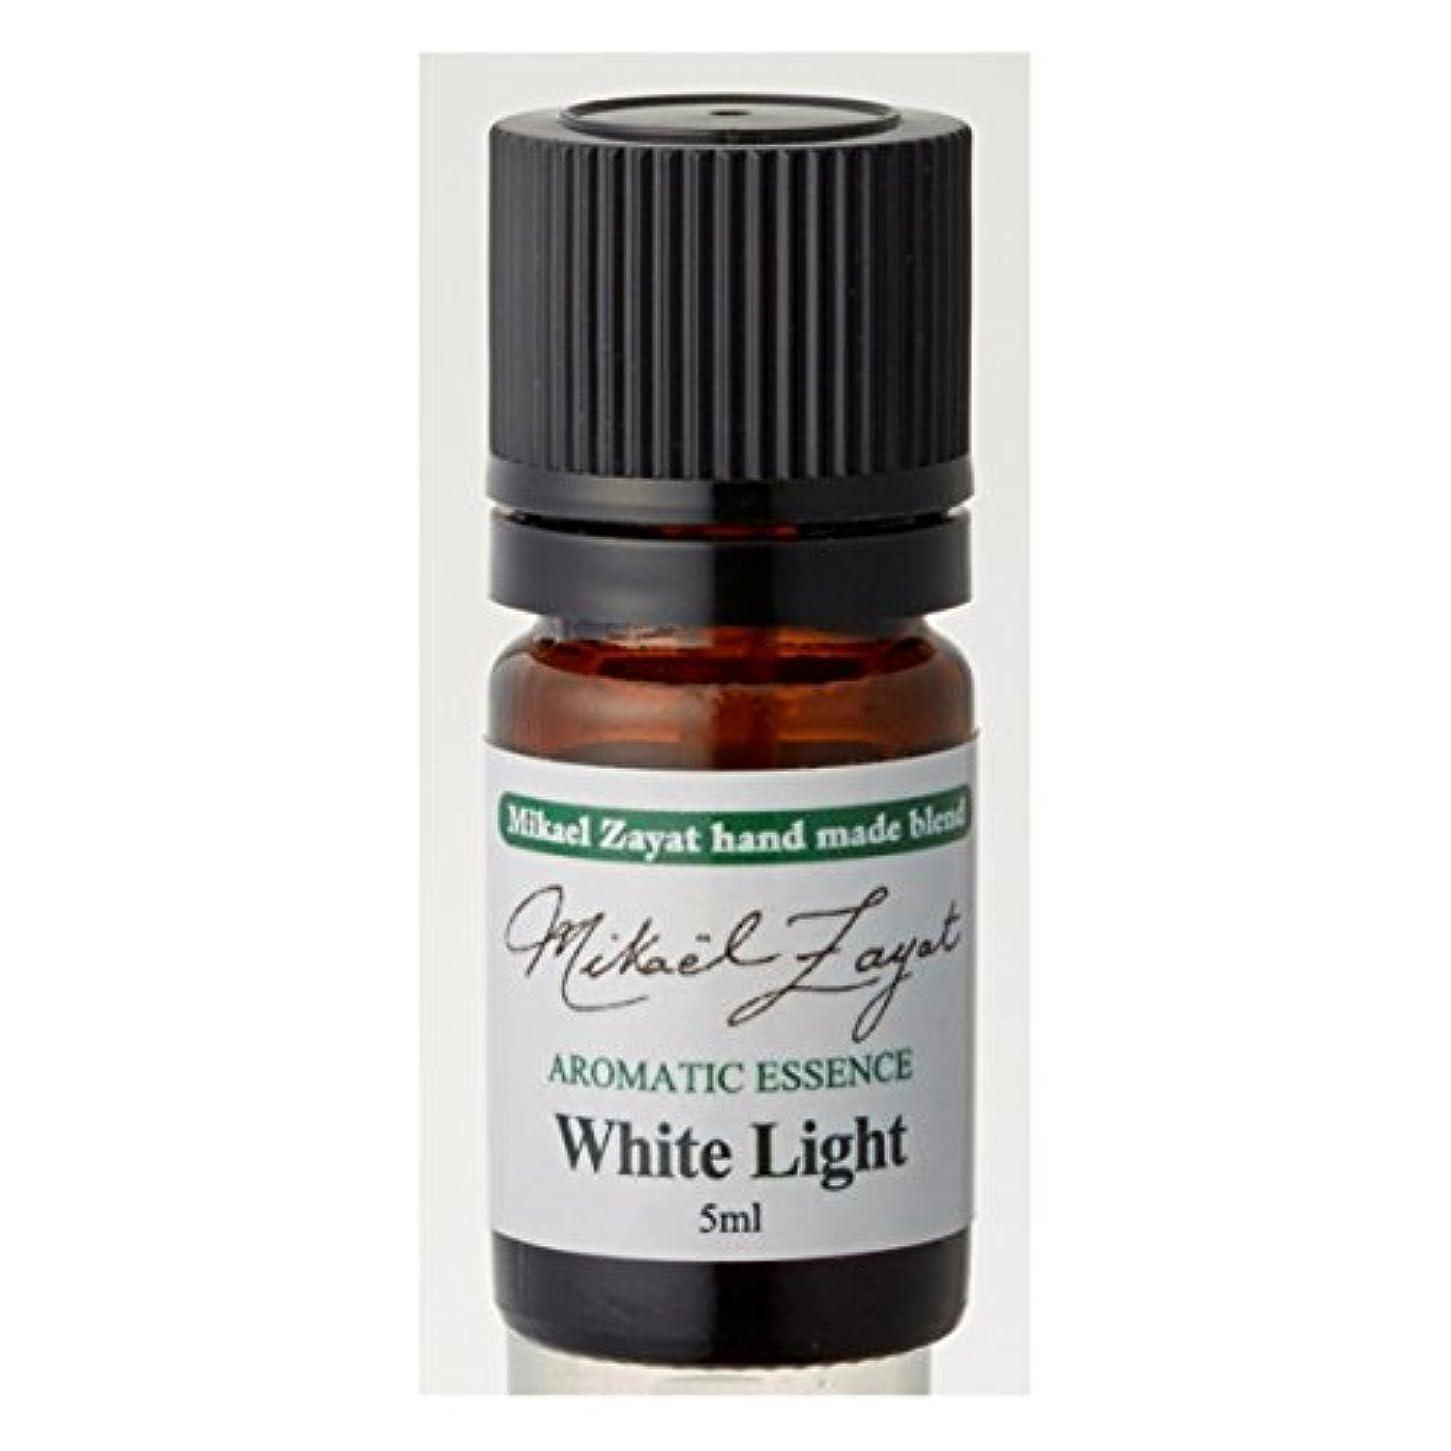 名門集中望まないミカエルザヤット ホワイトライト White Light 5ml/ Mikael Zayat hand made blend